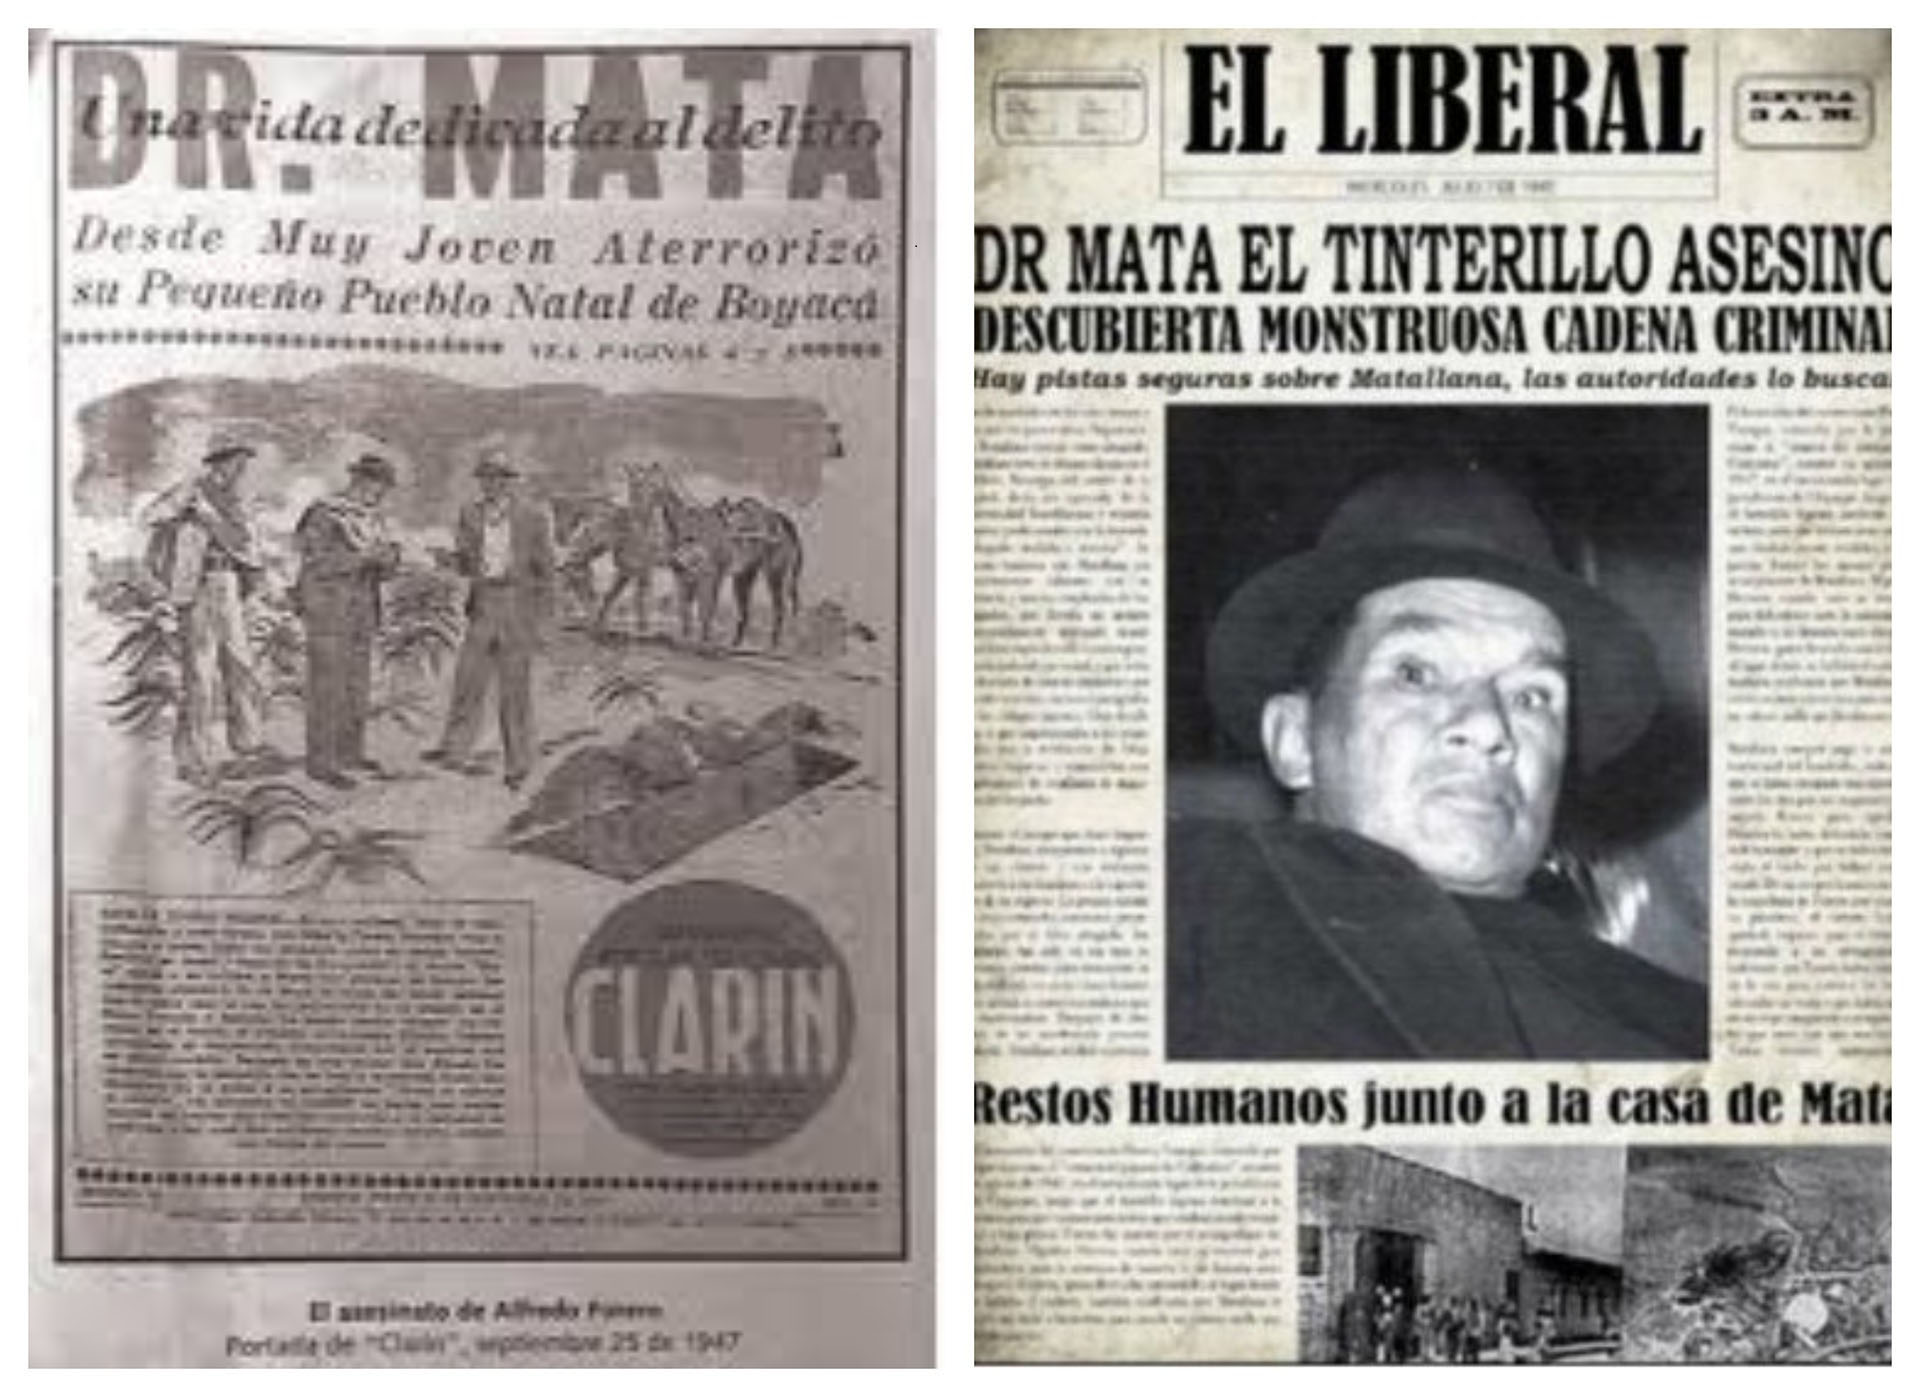 Así registraron los medios de la época la captura del 'Doctor Mata'.